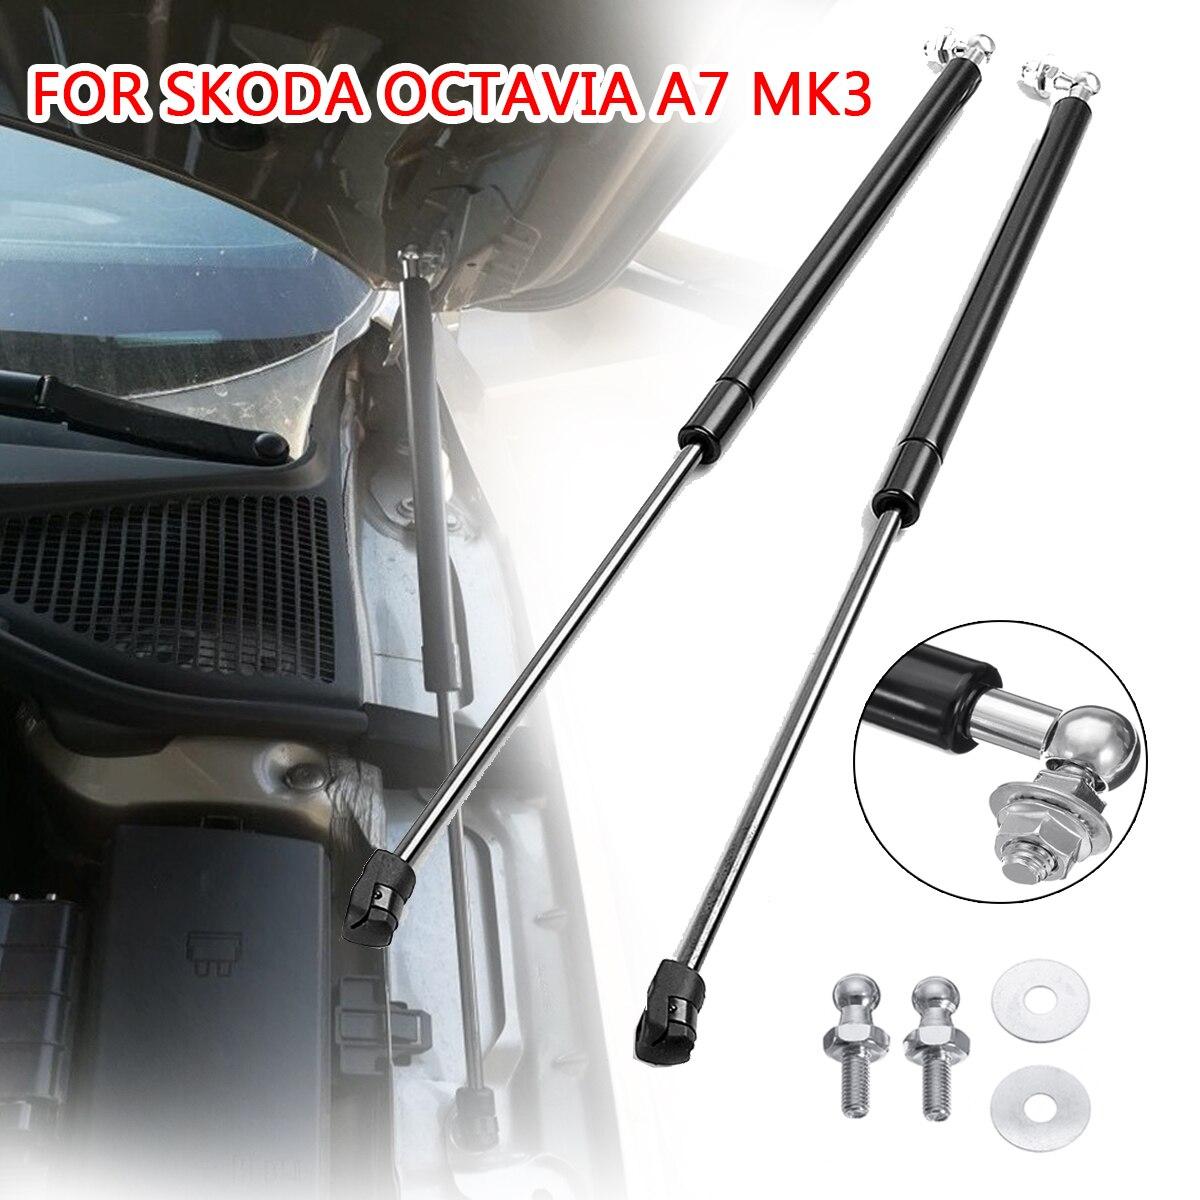 2 uds. De amortiguador de capó de Gas para coche, soporte de amortiguador para Skoda Octavia A7 MK3, accesorios hidráulicos de acero inoxidable para coche